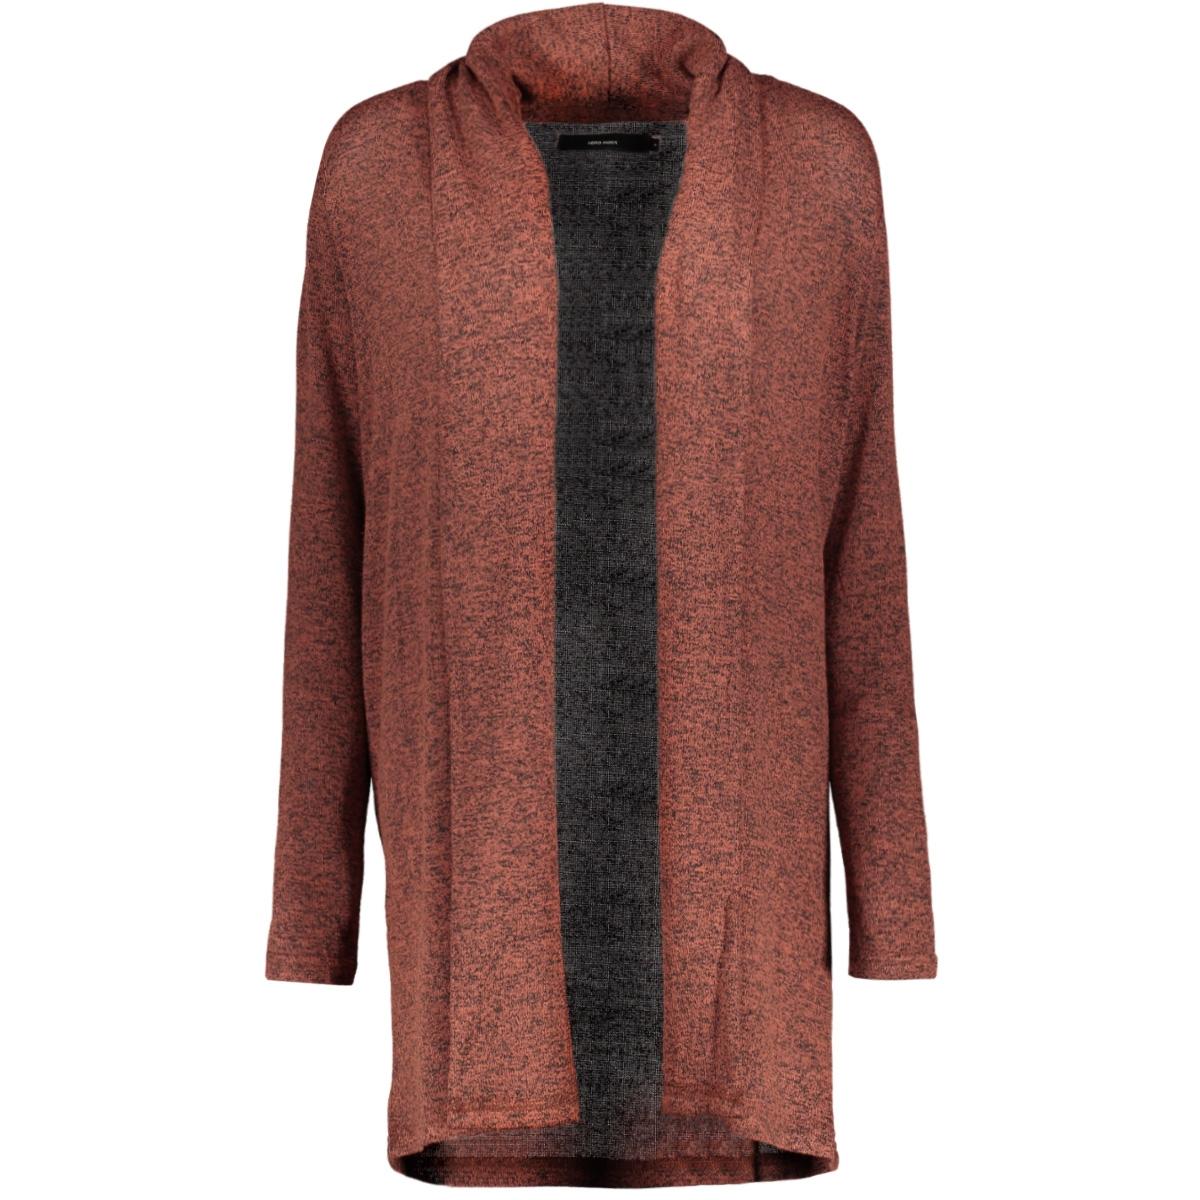 vmbrianna ls shawlcollar cardigan b 10215798 vero moda vest mahogany/w. black m